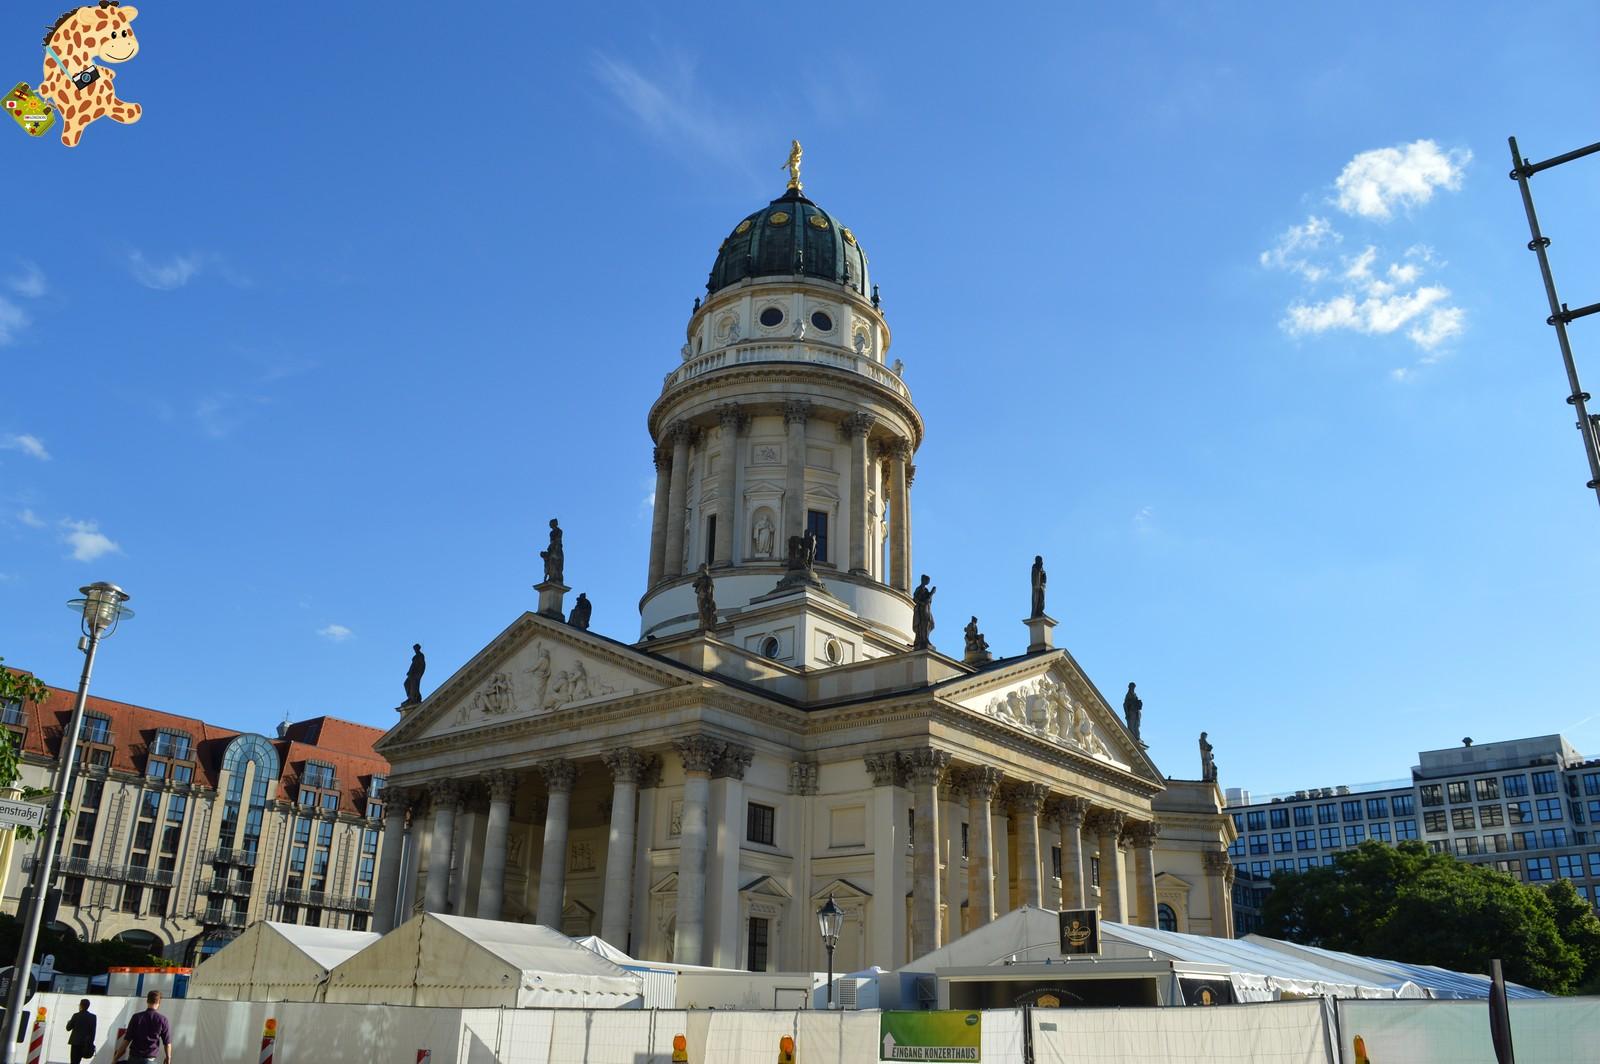 Qué ver en Berlín en 3 días?